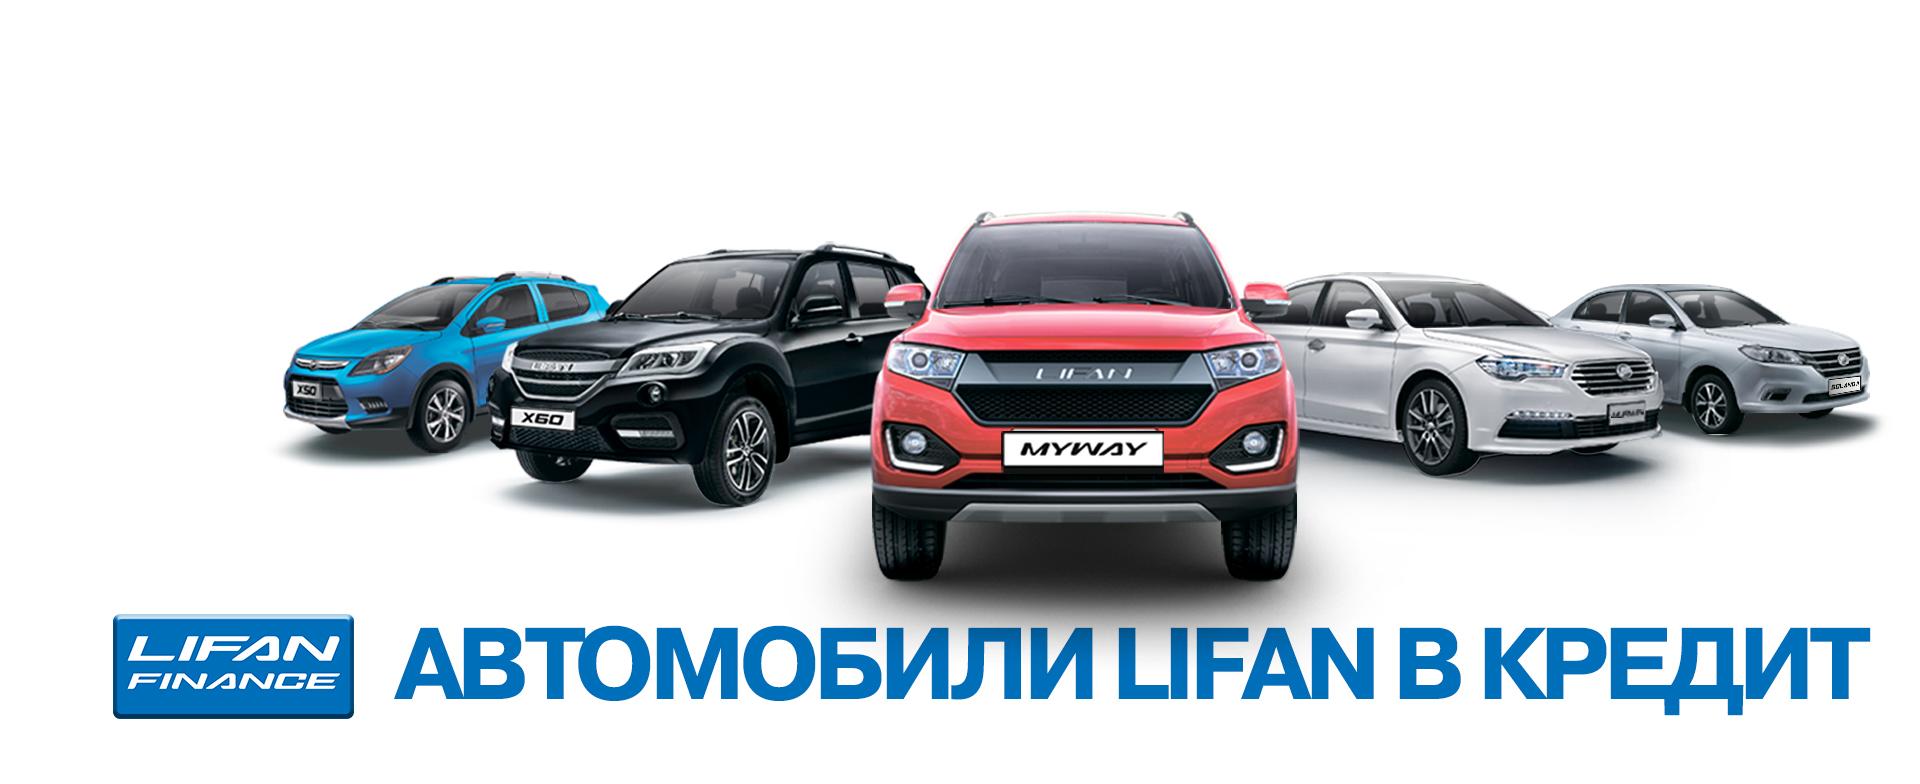 Машины в кредит г краснодар